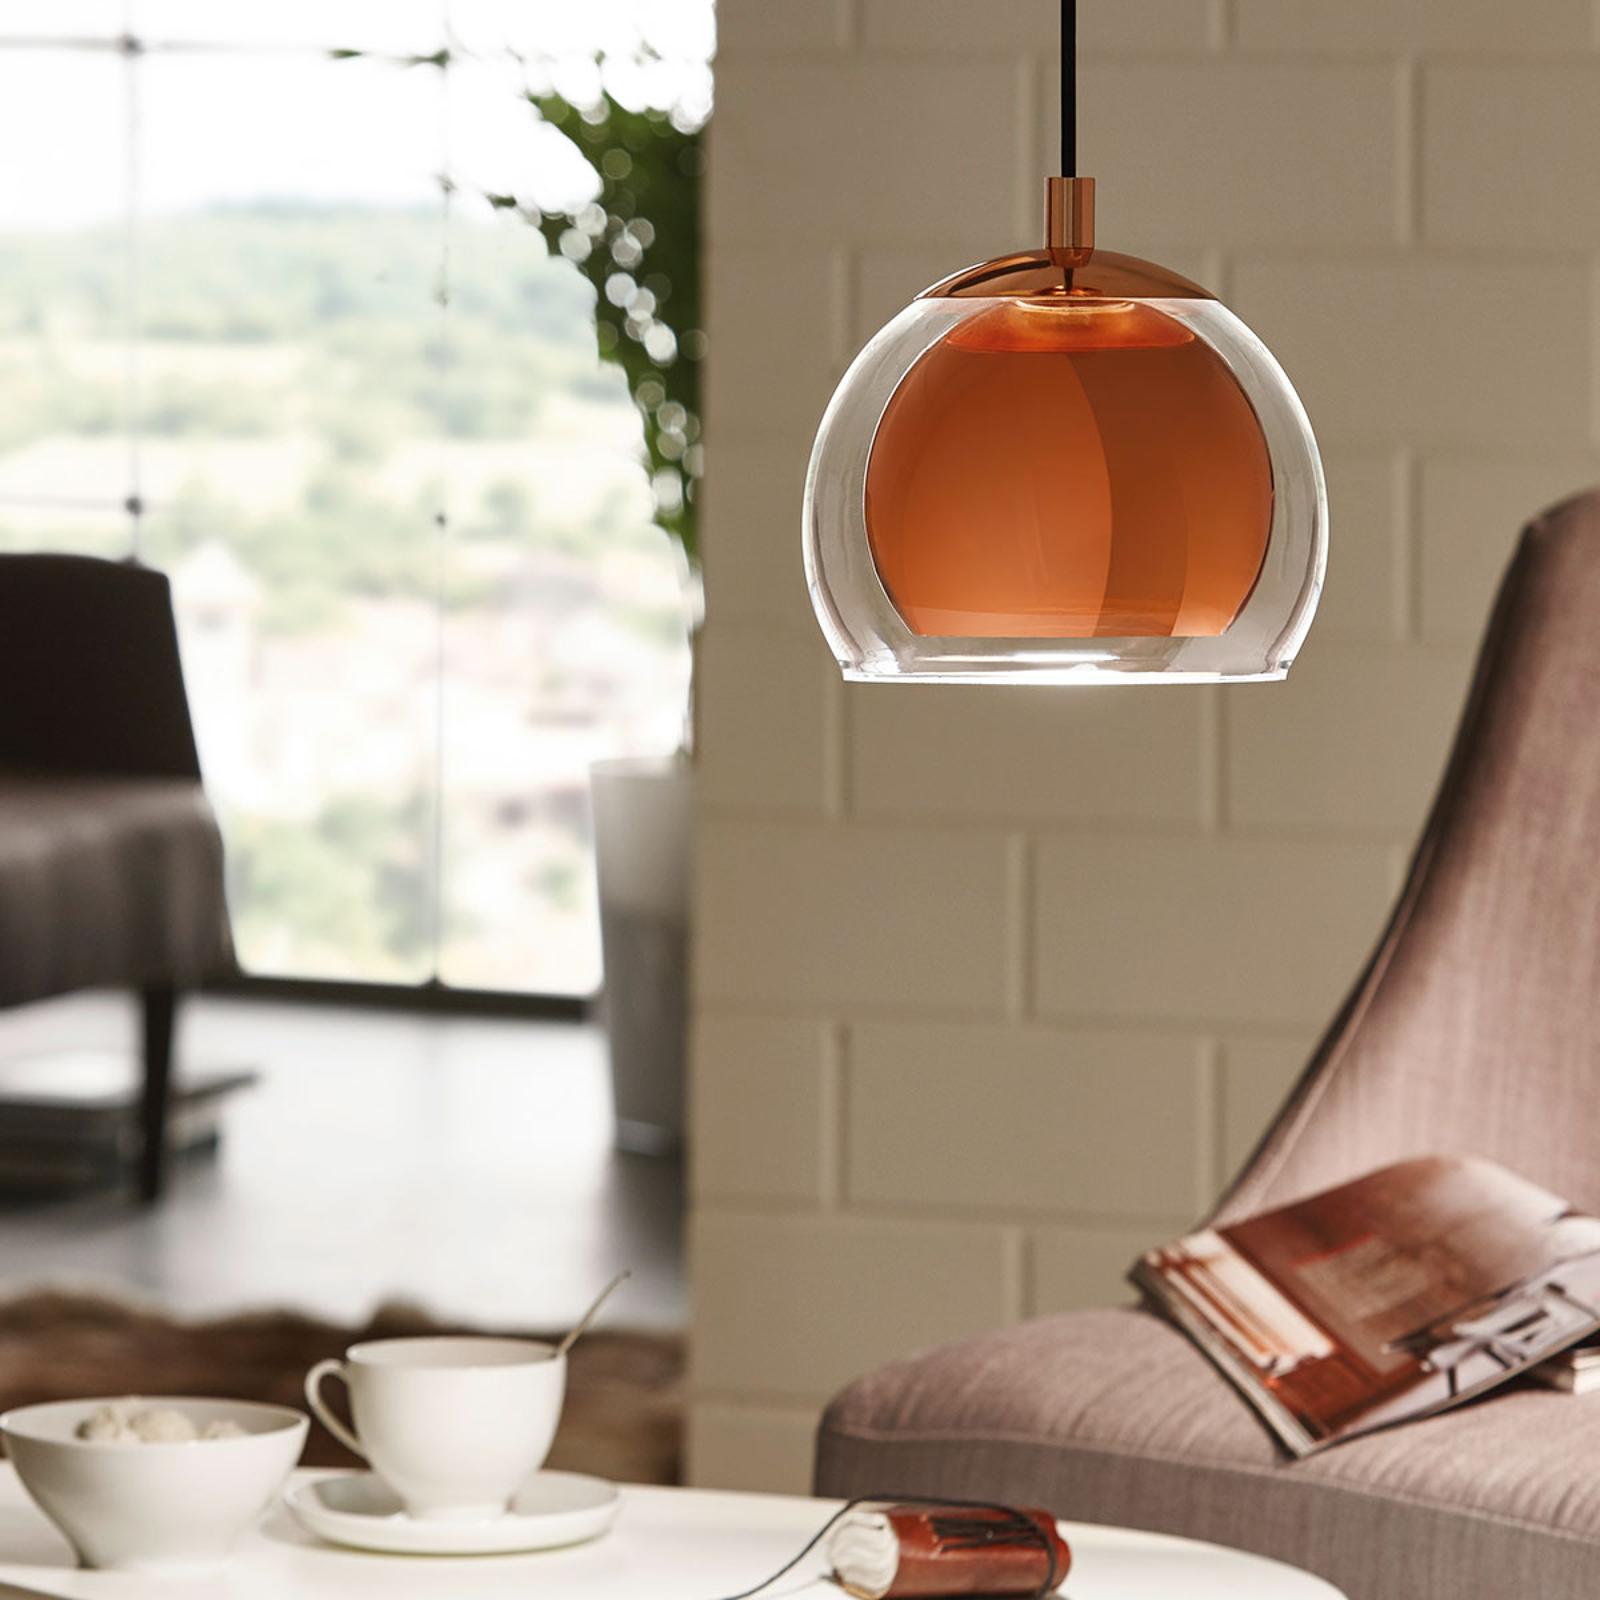 Koperkleurige hanglamp Rocamar